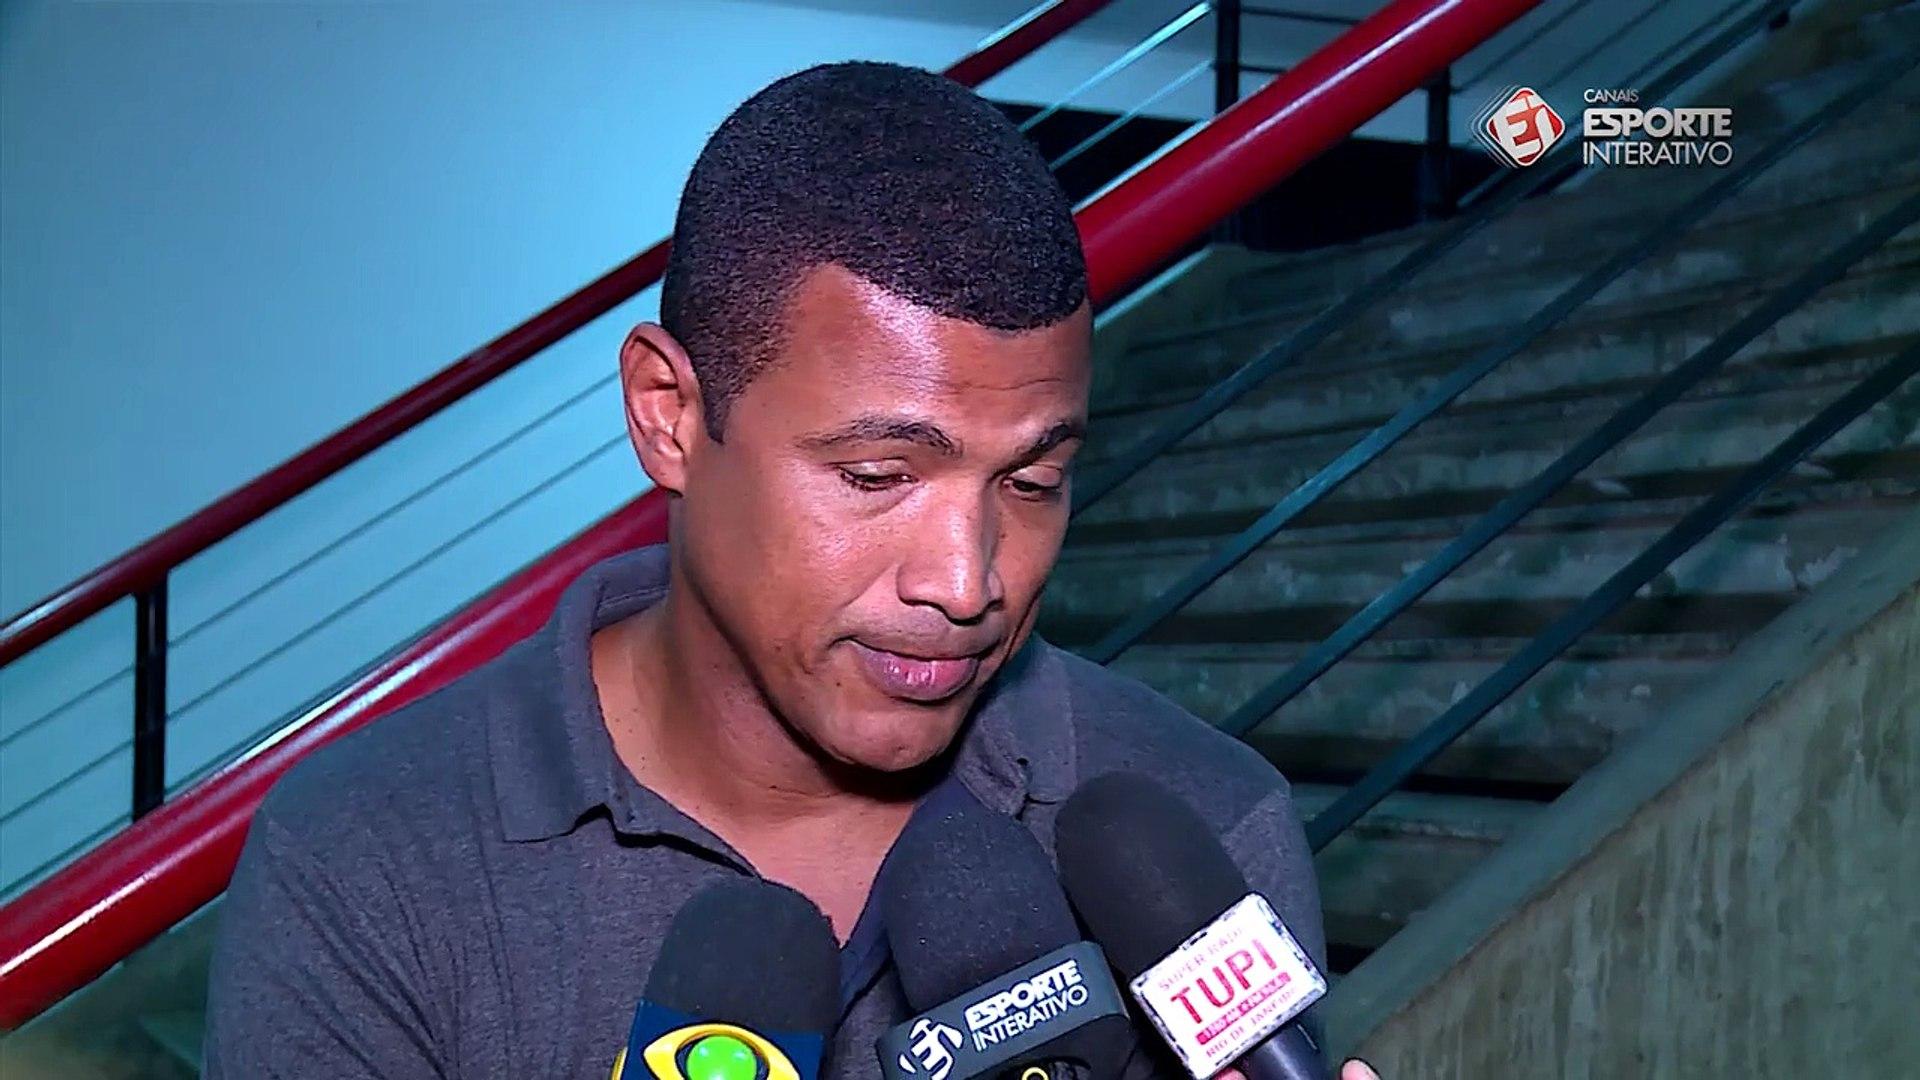 Campeão da Copa do Brasil e do Brasileiro pelo Flamengo, Júnior Baiano fala sobre os possíveis trein